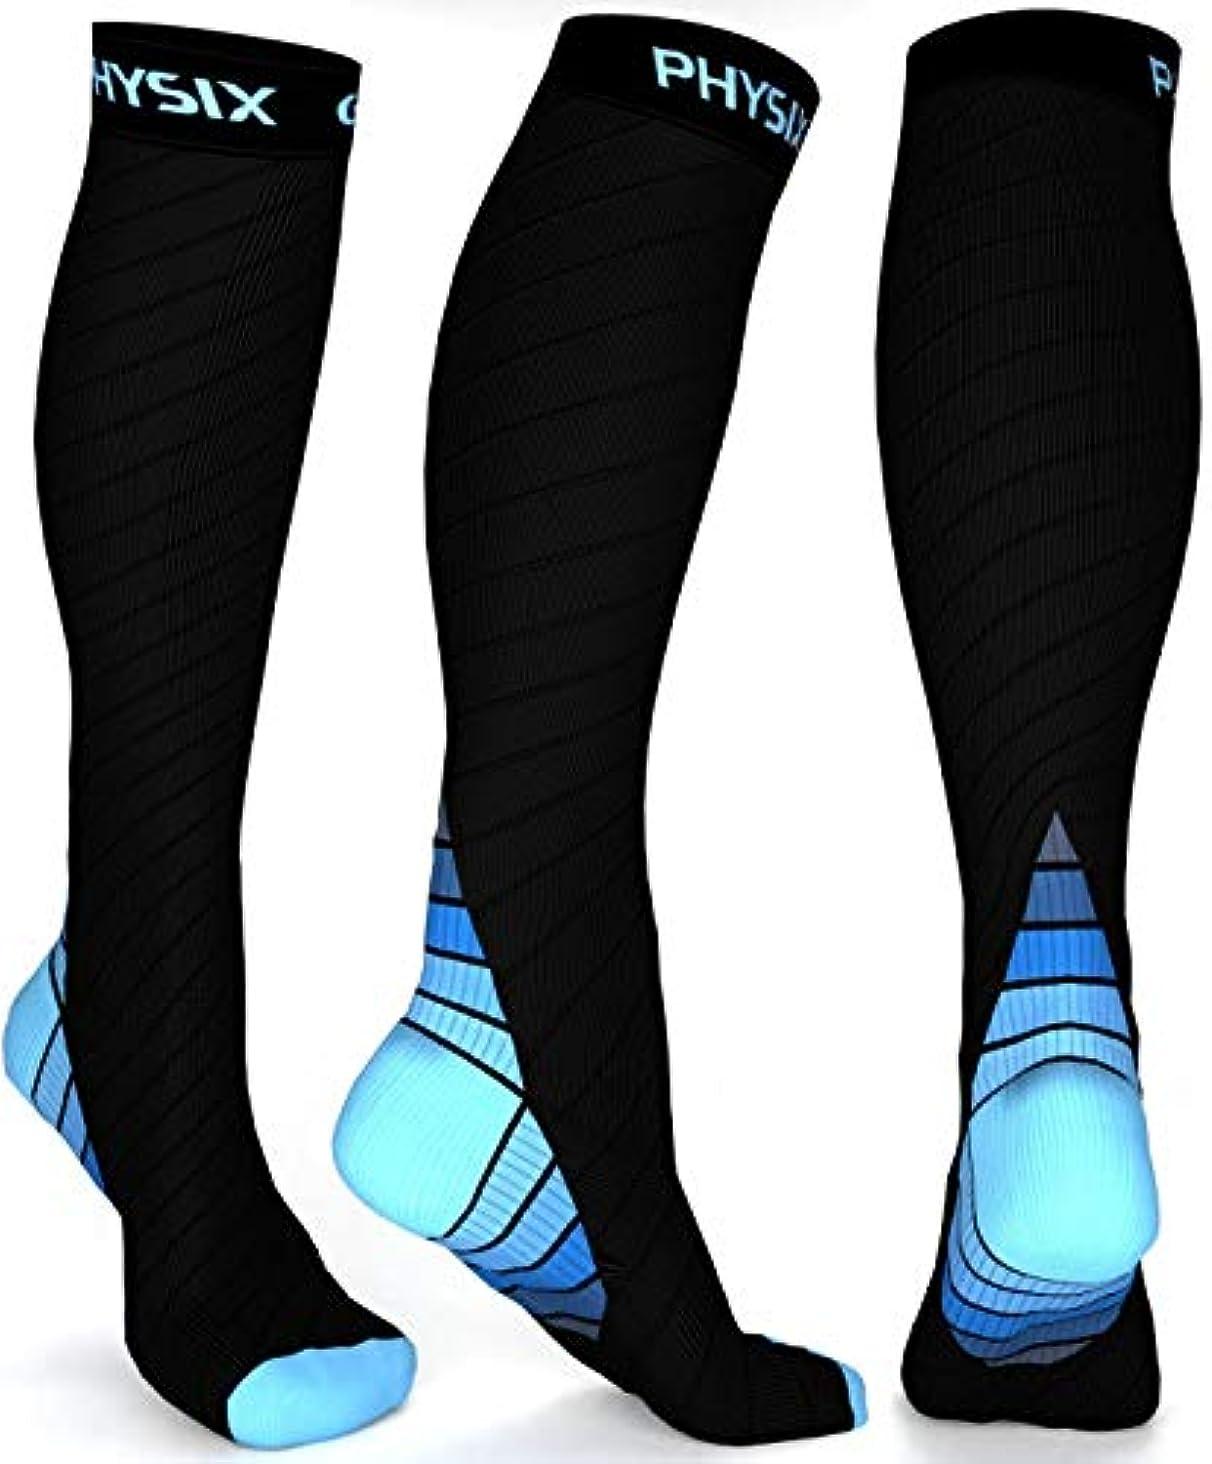 つば八ダルセットPhysix Gearコンプレッションソックス男性用/女性用(20?30 mmHg)最高の段階的なフィット ランニング、看護、過労性脛部痛、フライトトラベル&マタニティ妊娠 – スタミナ、循環&回復 (BLACK & BLUE...